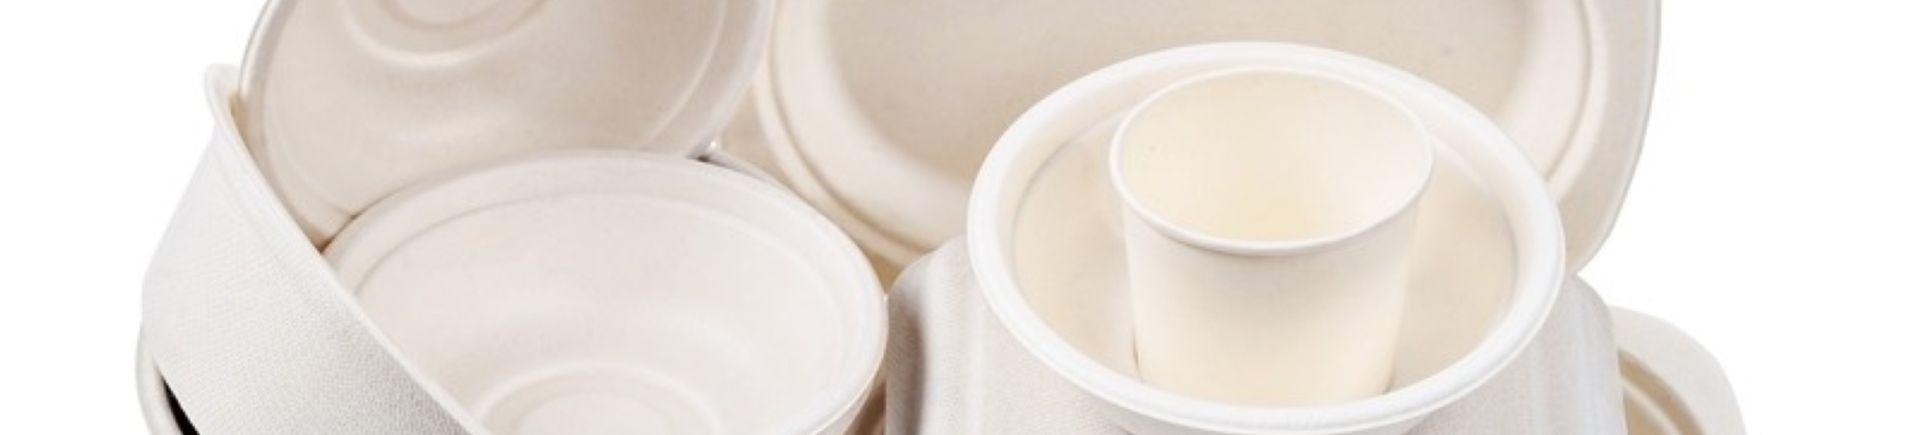 biodegradable formed fiber solutions